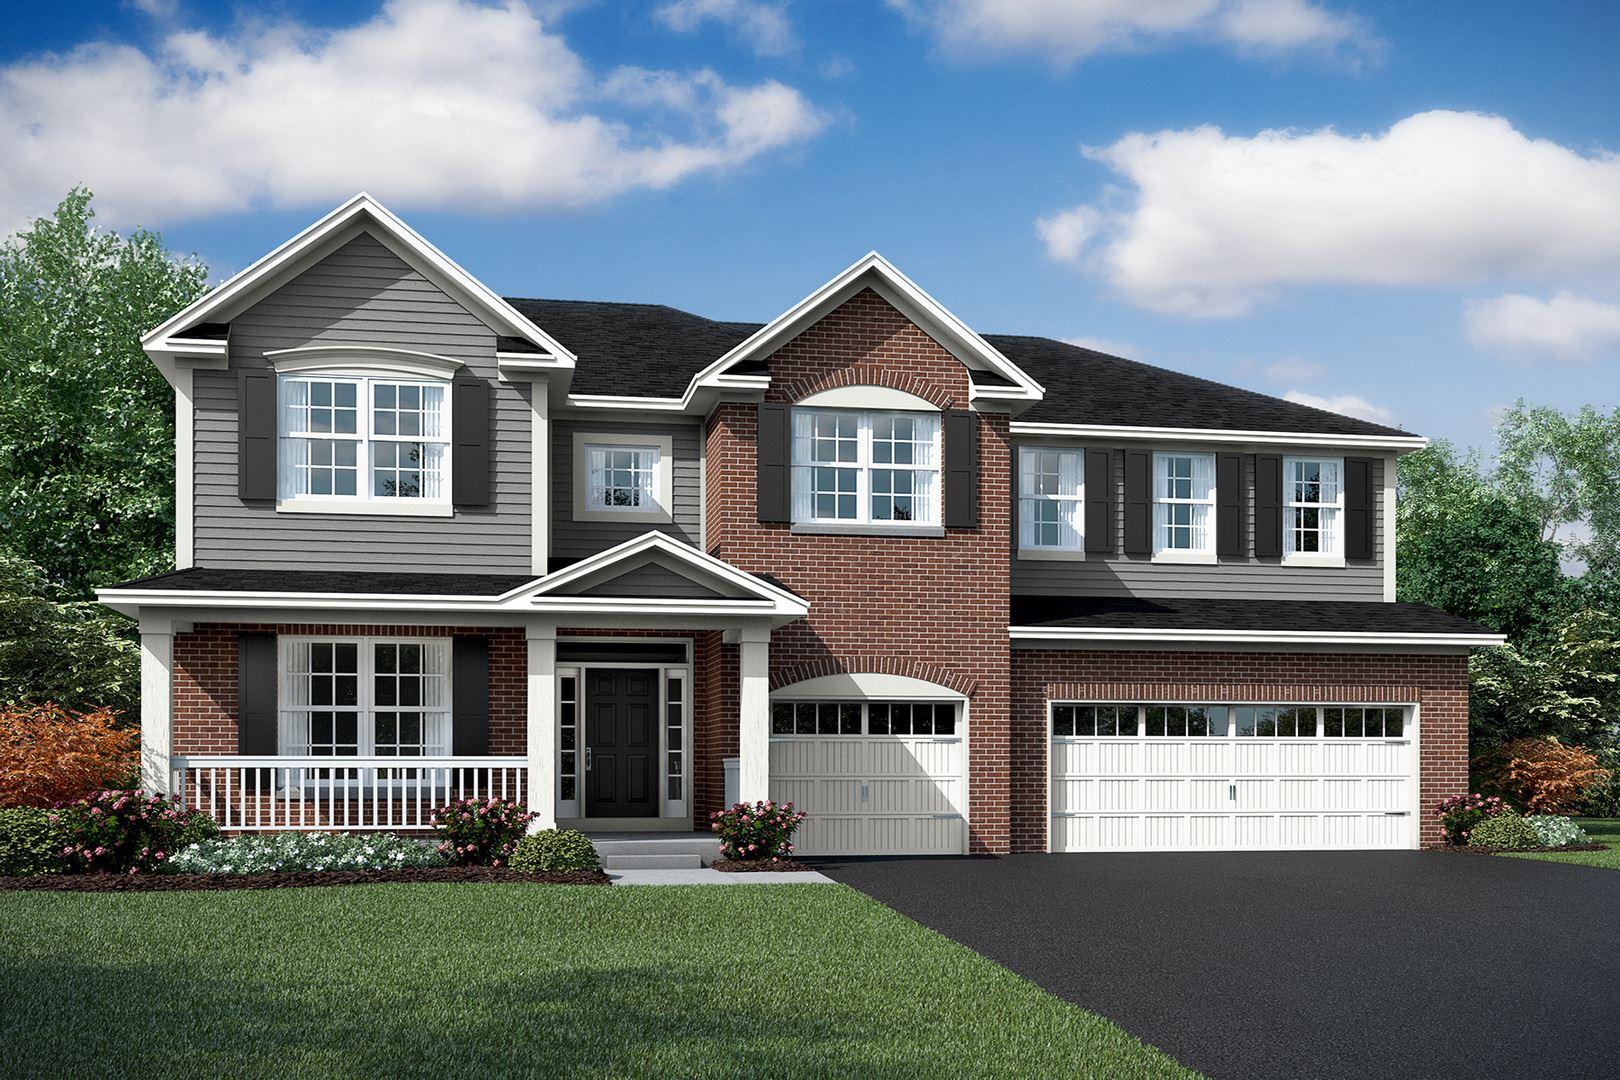 Photo of 26235 W Milestone Lot#12 Drive, Plainfield, IL 60585 (MLS # 10917155)